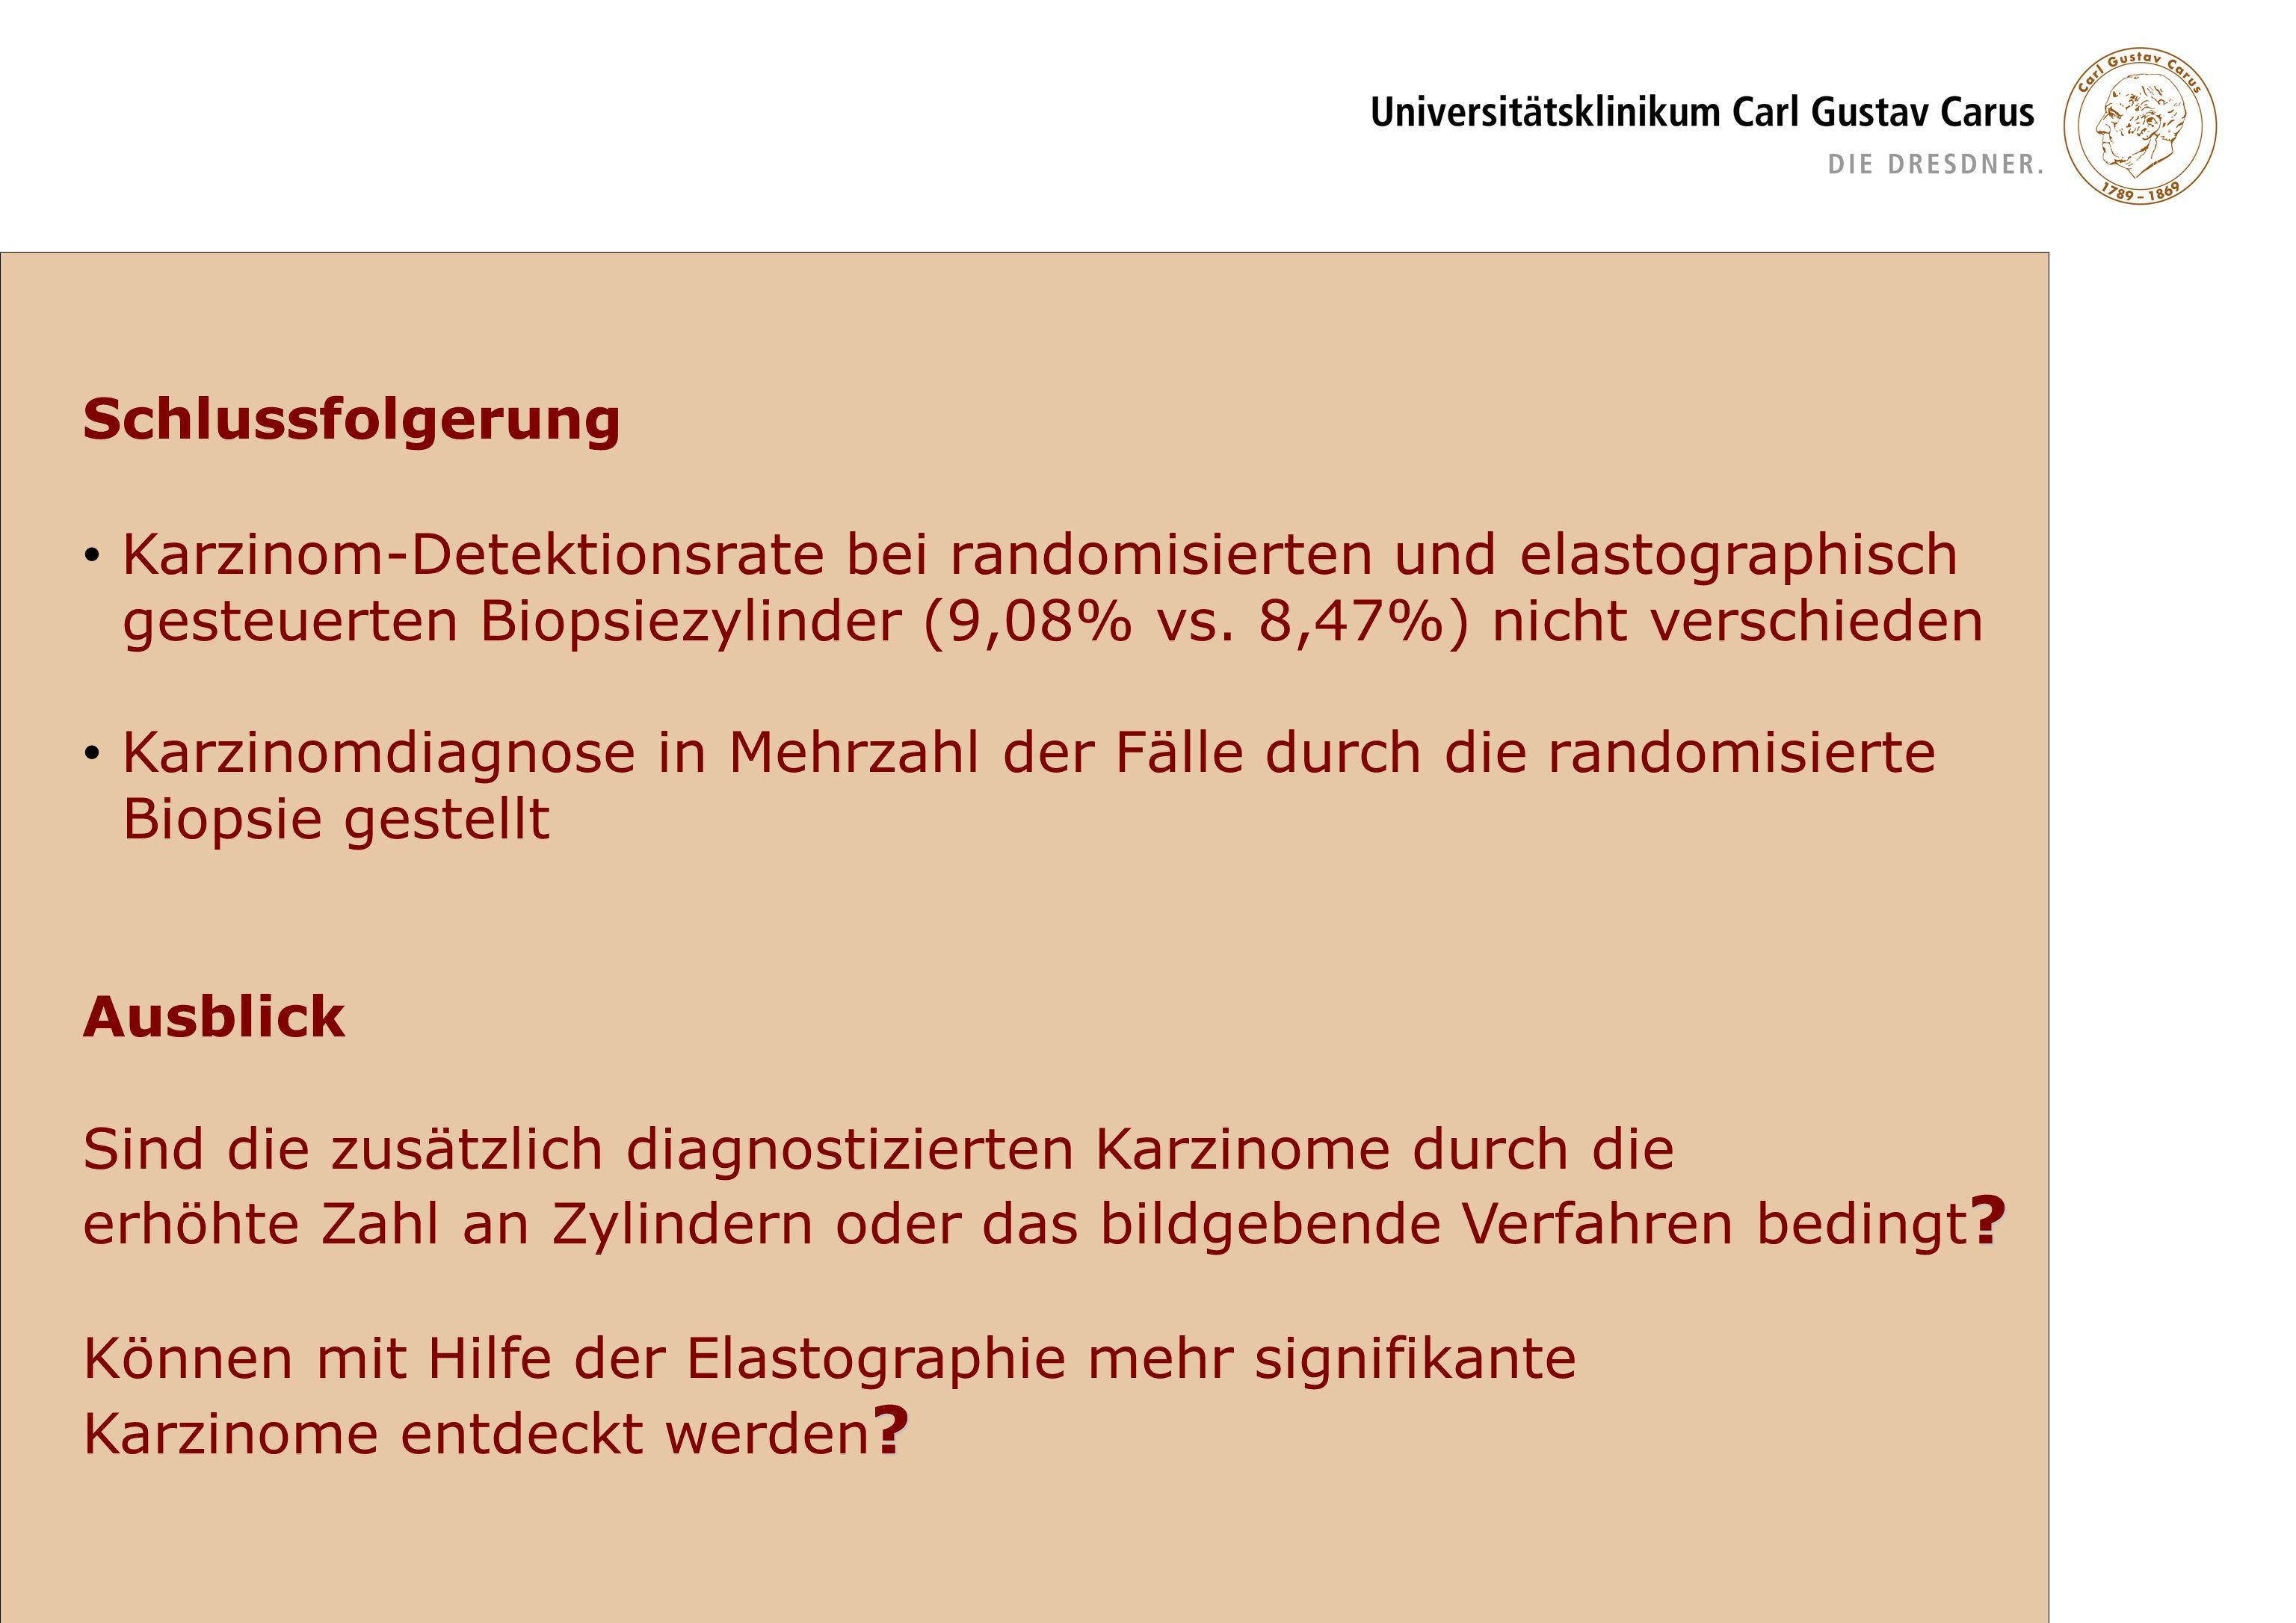 Schlussfolgerung Karzinom-Detektionsrate bei randomisierten und elastographisch. gesteuerten Biopsiezylinder (9,08% vs. 8,47%) nicht verschieden.